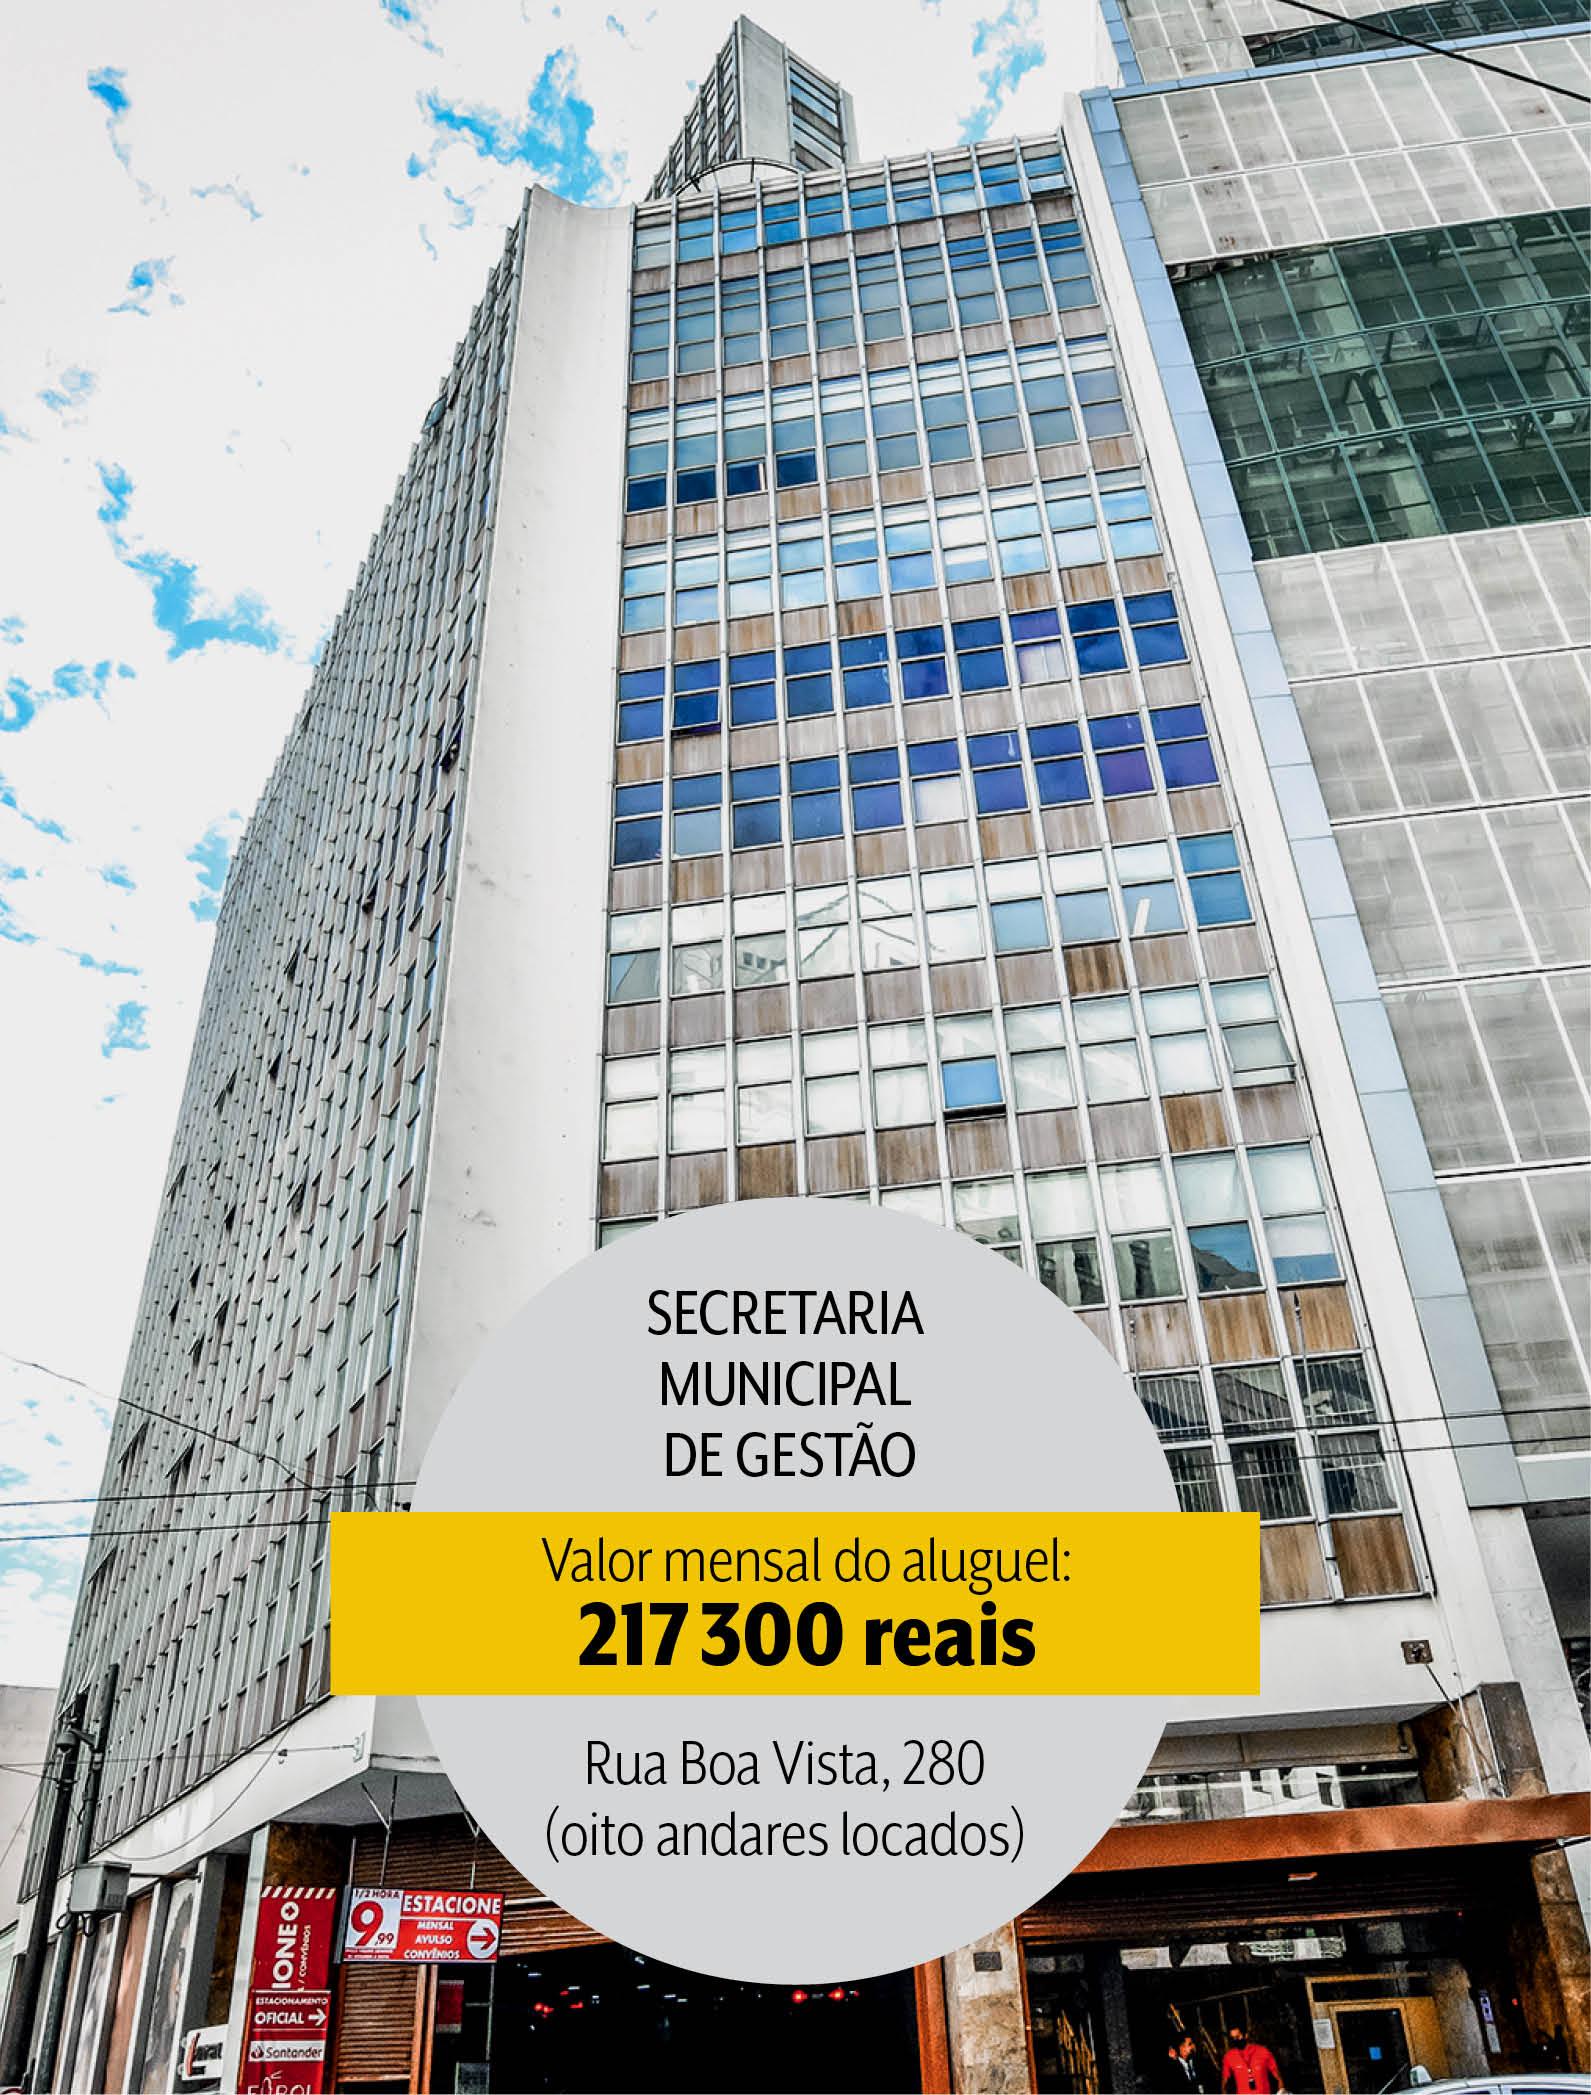 Secretaria Municipal de Gestão: oito andares alocados por mais de 200 mil reais